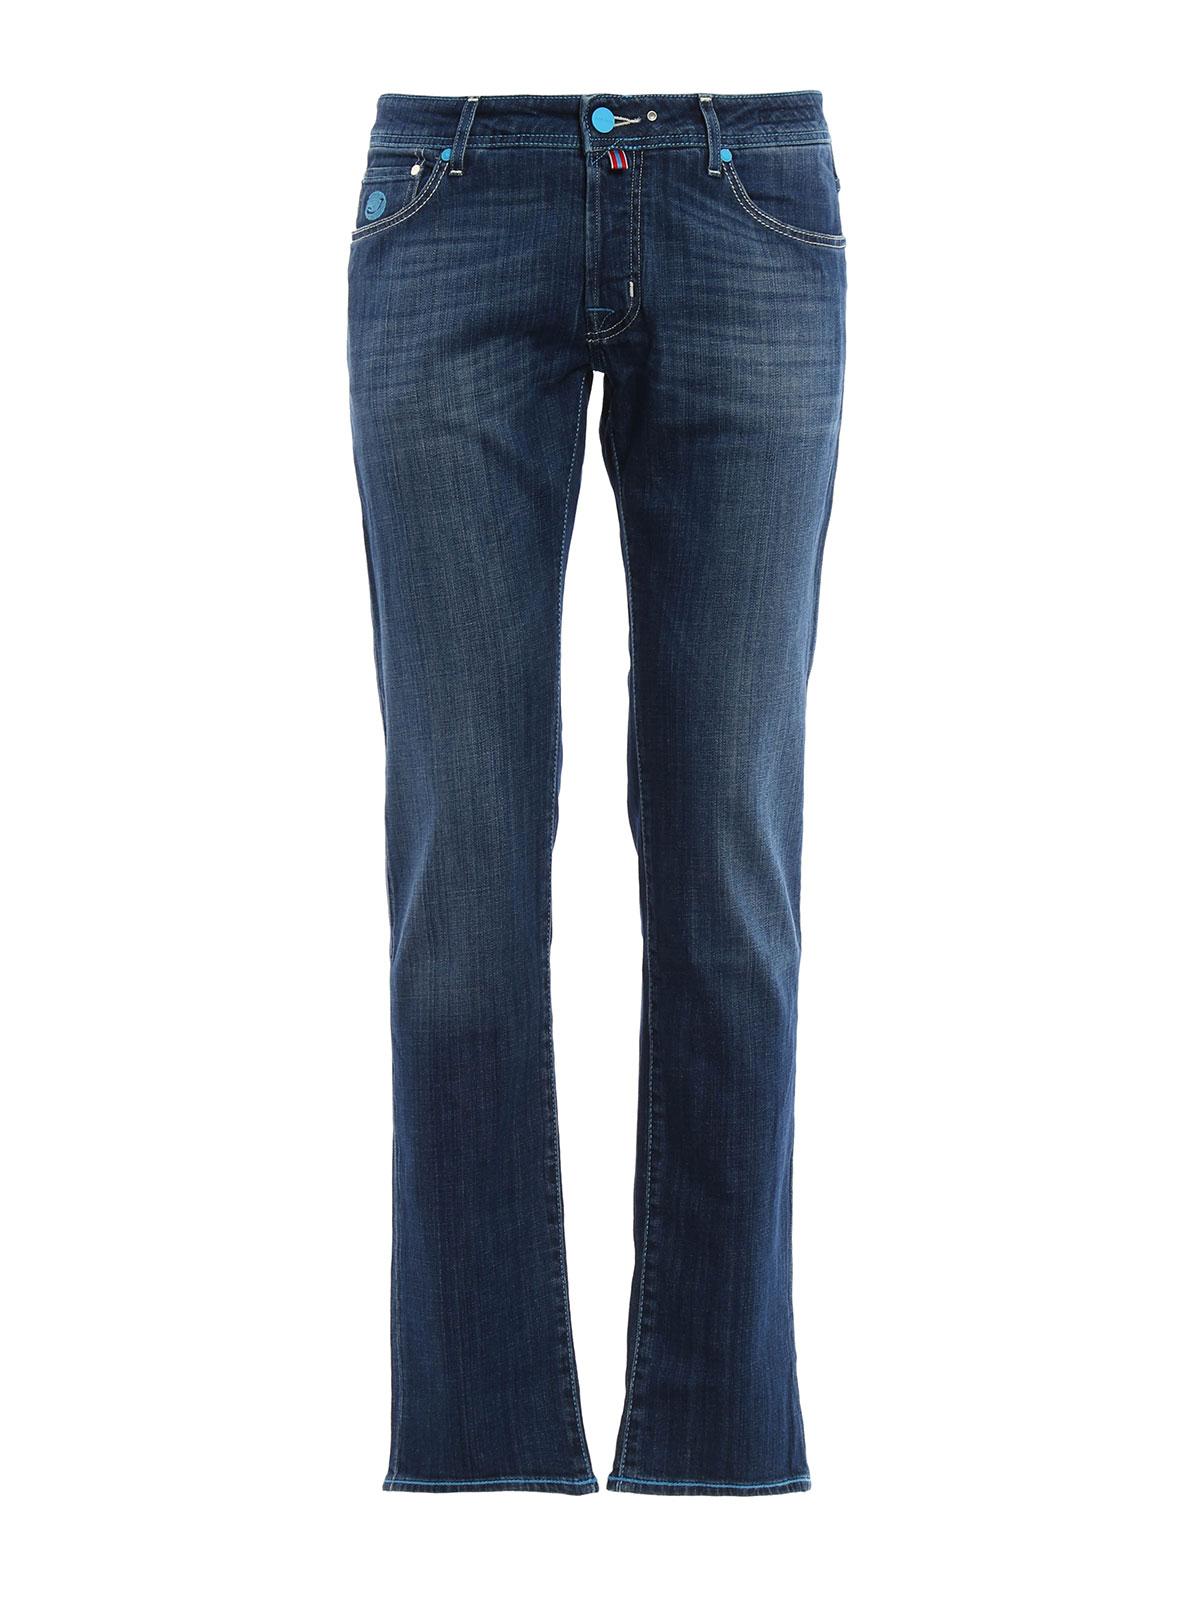 Tailored j622 jeans by jacob cohen straight leg jeans - Jacob cohen denim ...